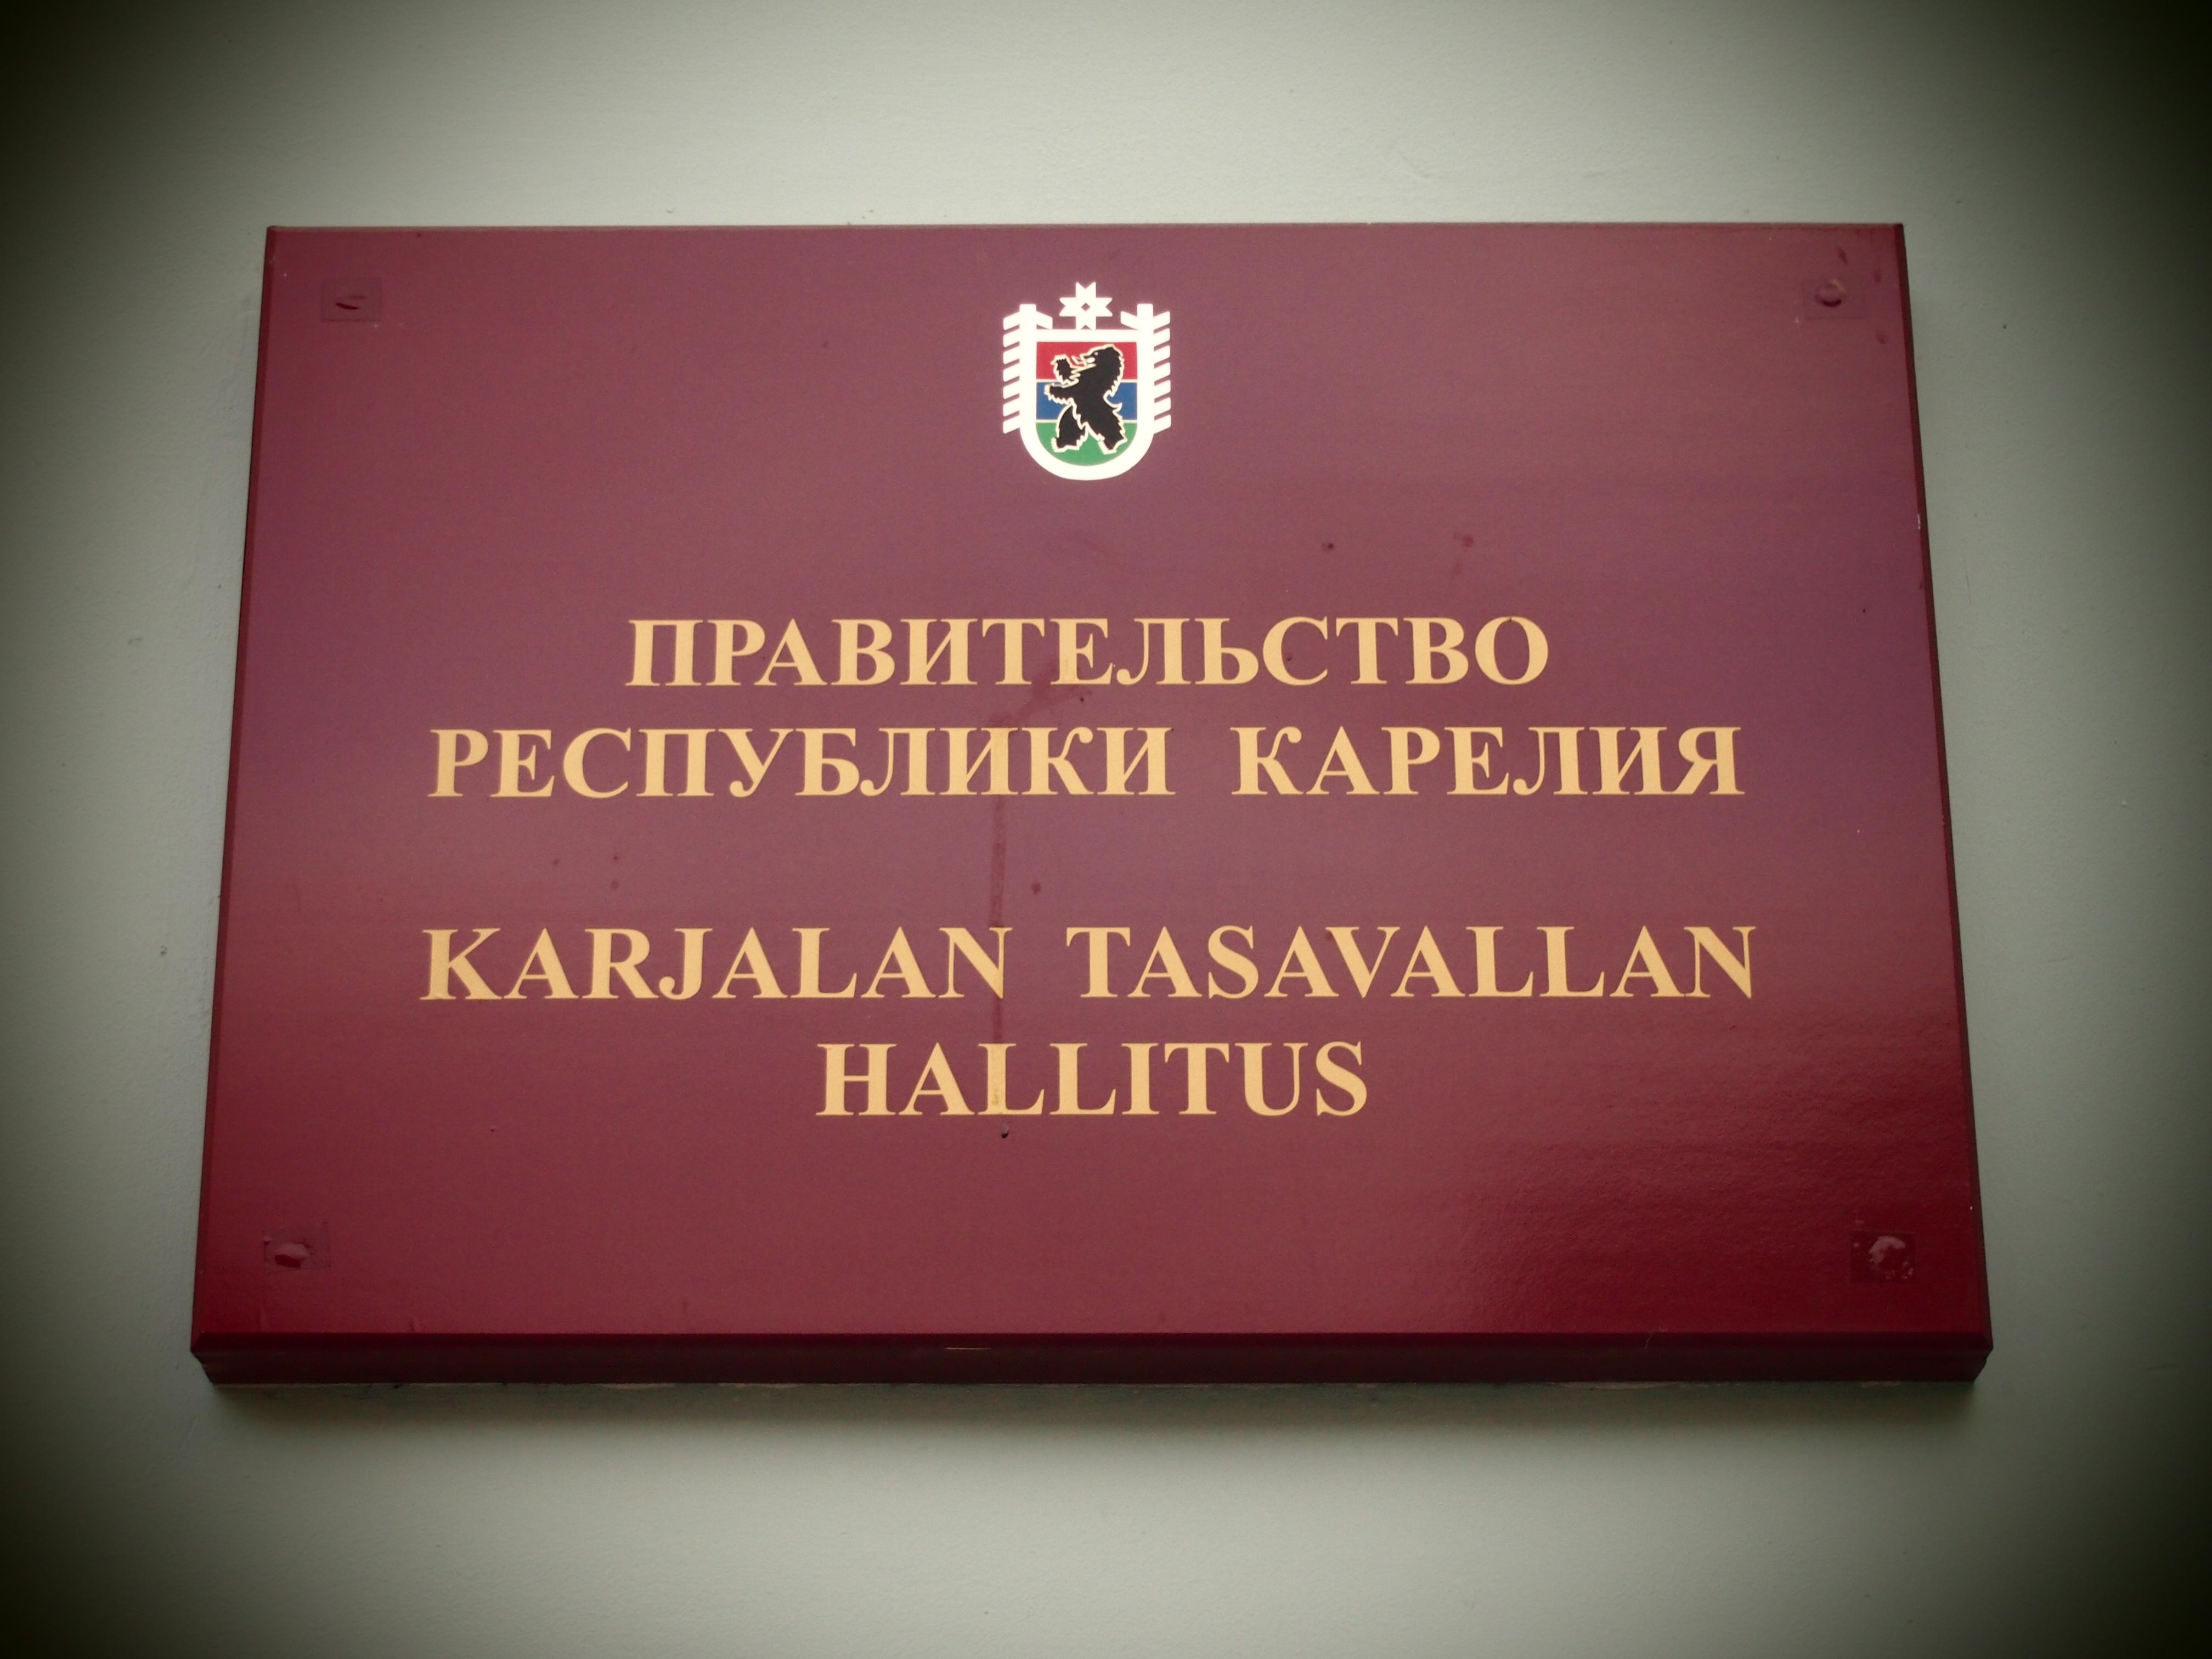 Кардинальных перемен в структуре исполнительной власти Карелии не произошло. Фото: Валерий Поташов